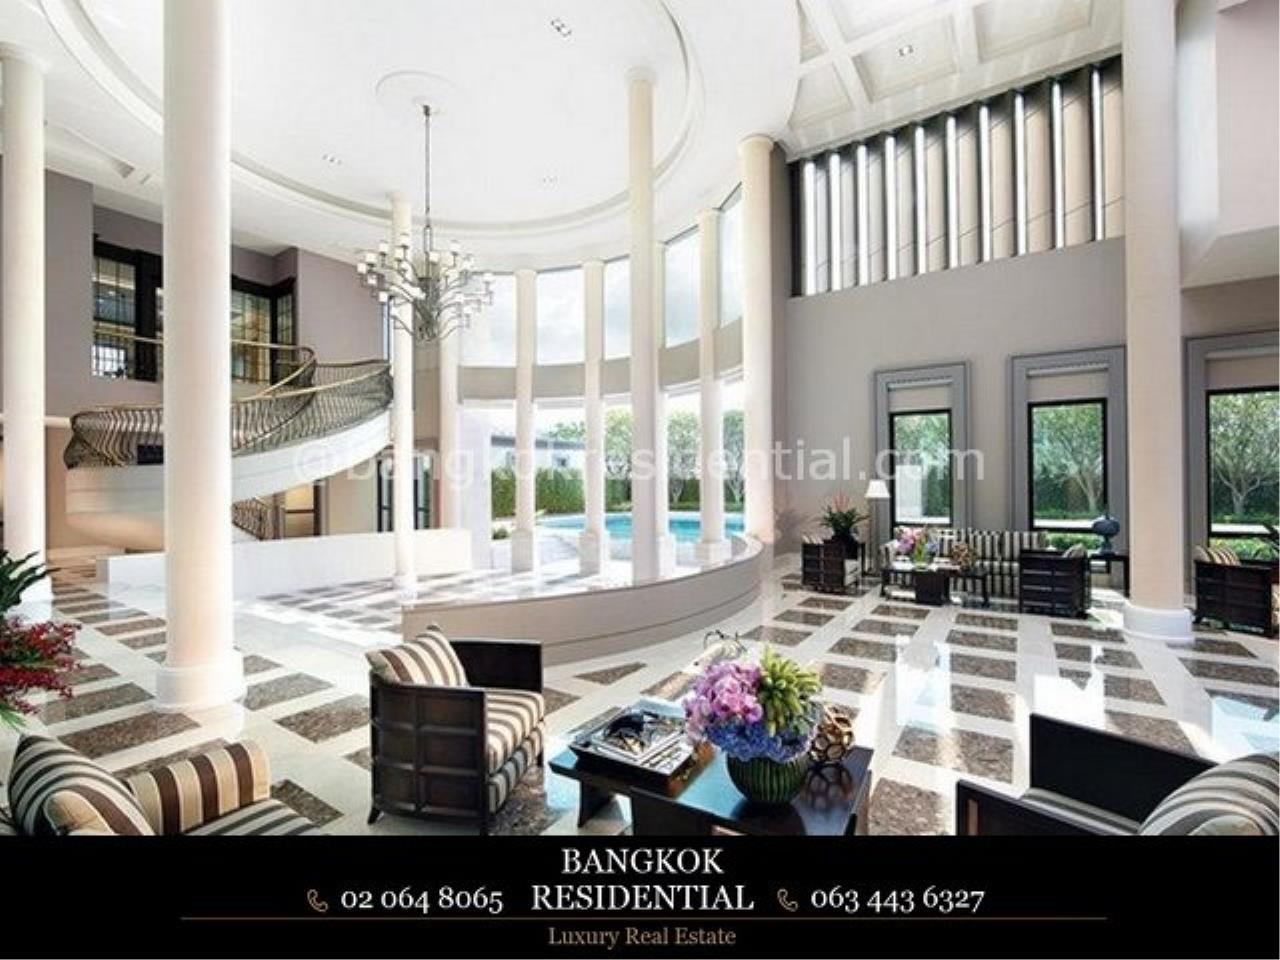 Bangkok Residential Agency's 4BR Narasiri Pattanakarn For Rent (BR7921SH) 10